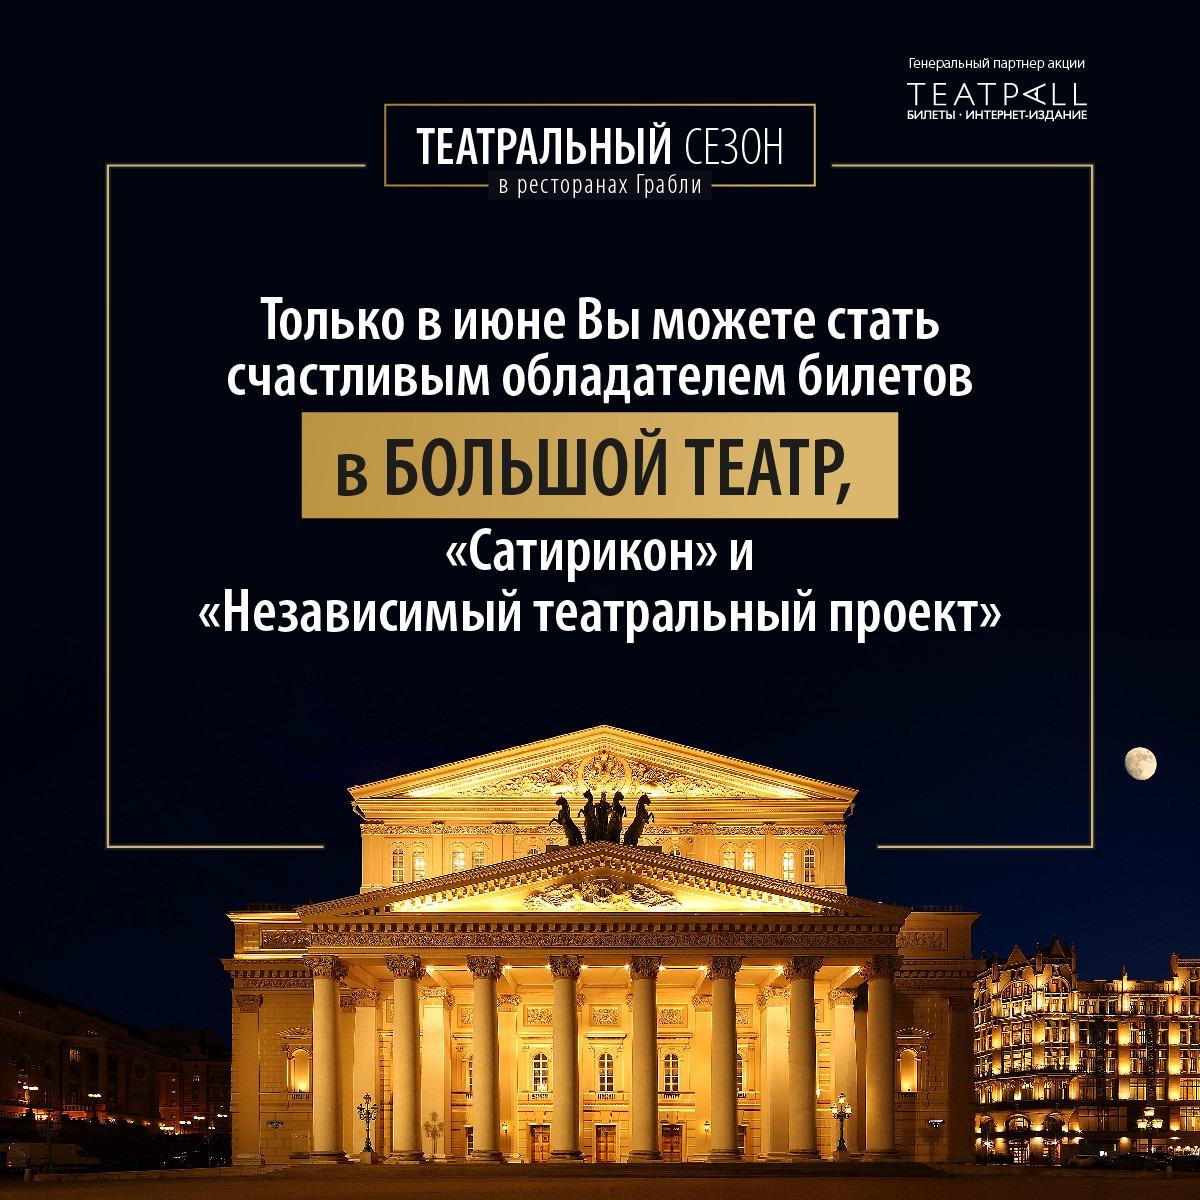 ТЕАТРАЛЬНЫЙ СЕЗОН В РЕСТОРАНАХ «ГРАБЛИ»!